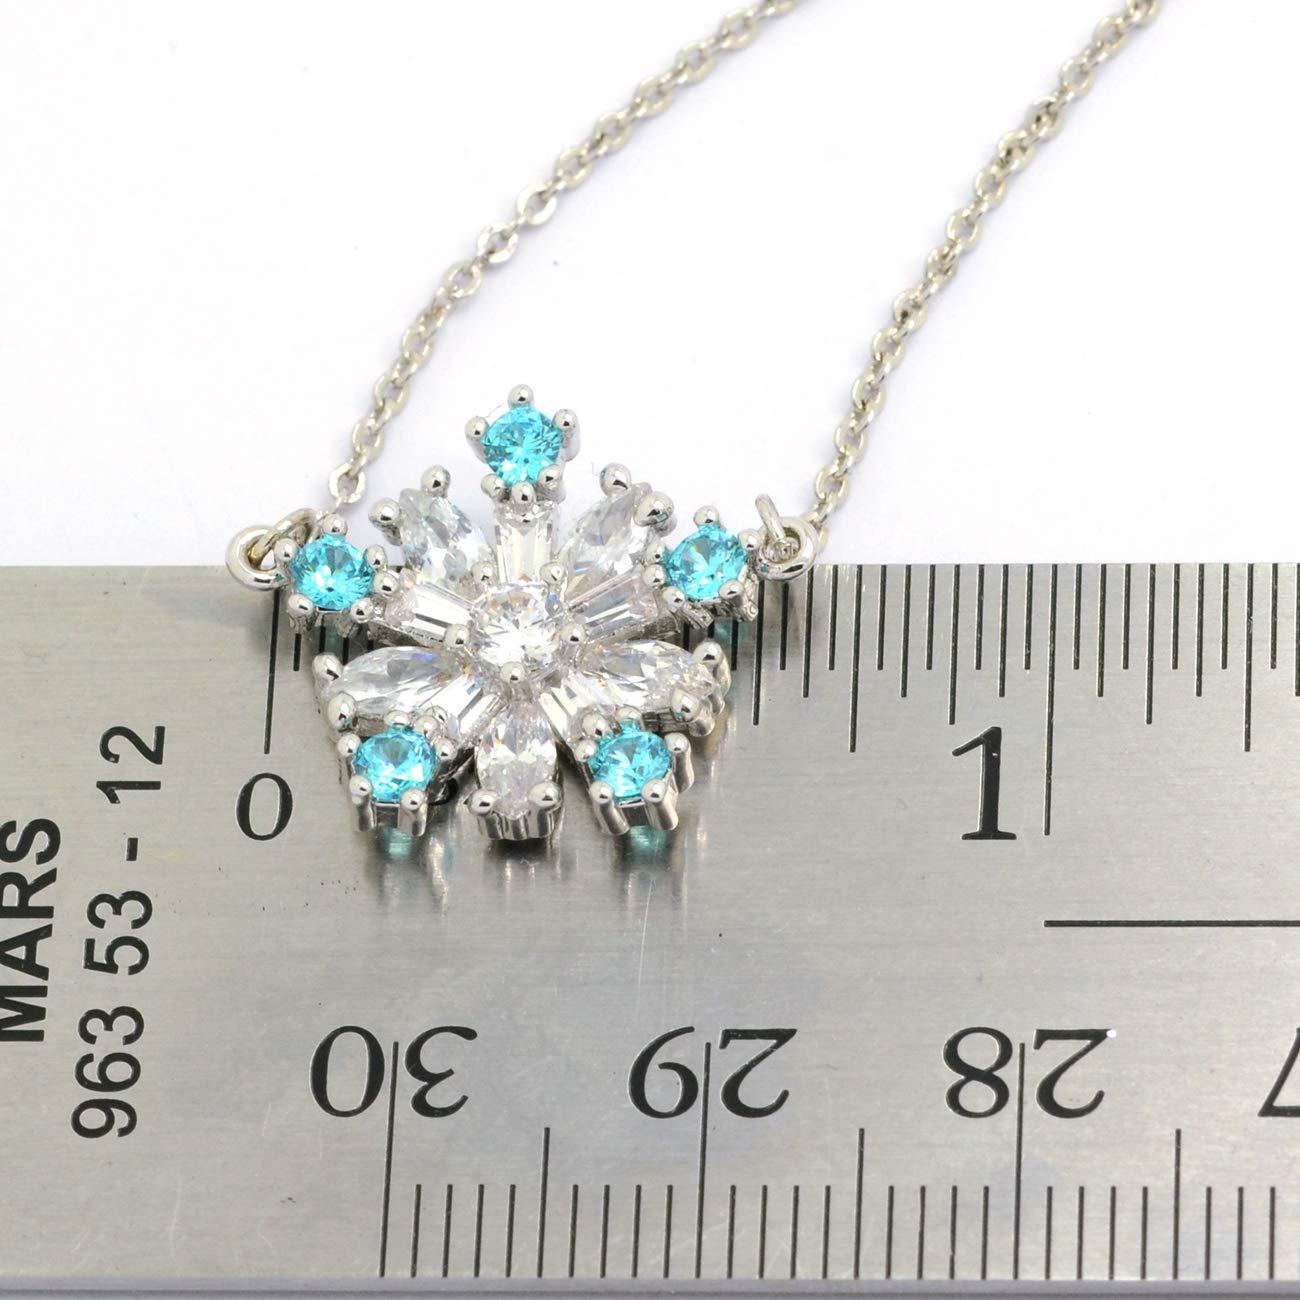 16+2in Sparkly Bride Snowflake Pendant Necklace CZ Aqua Blue Baguette Women Fashion